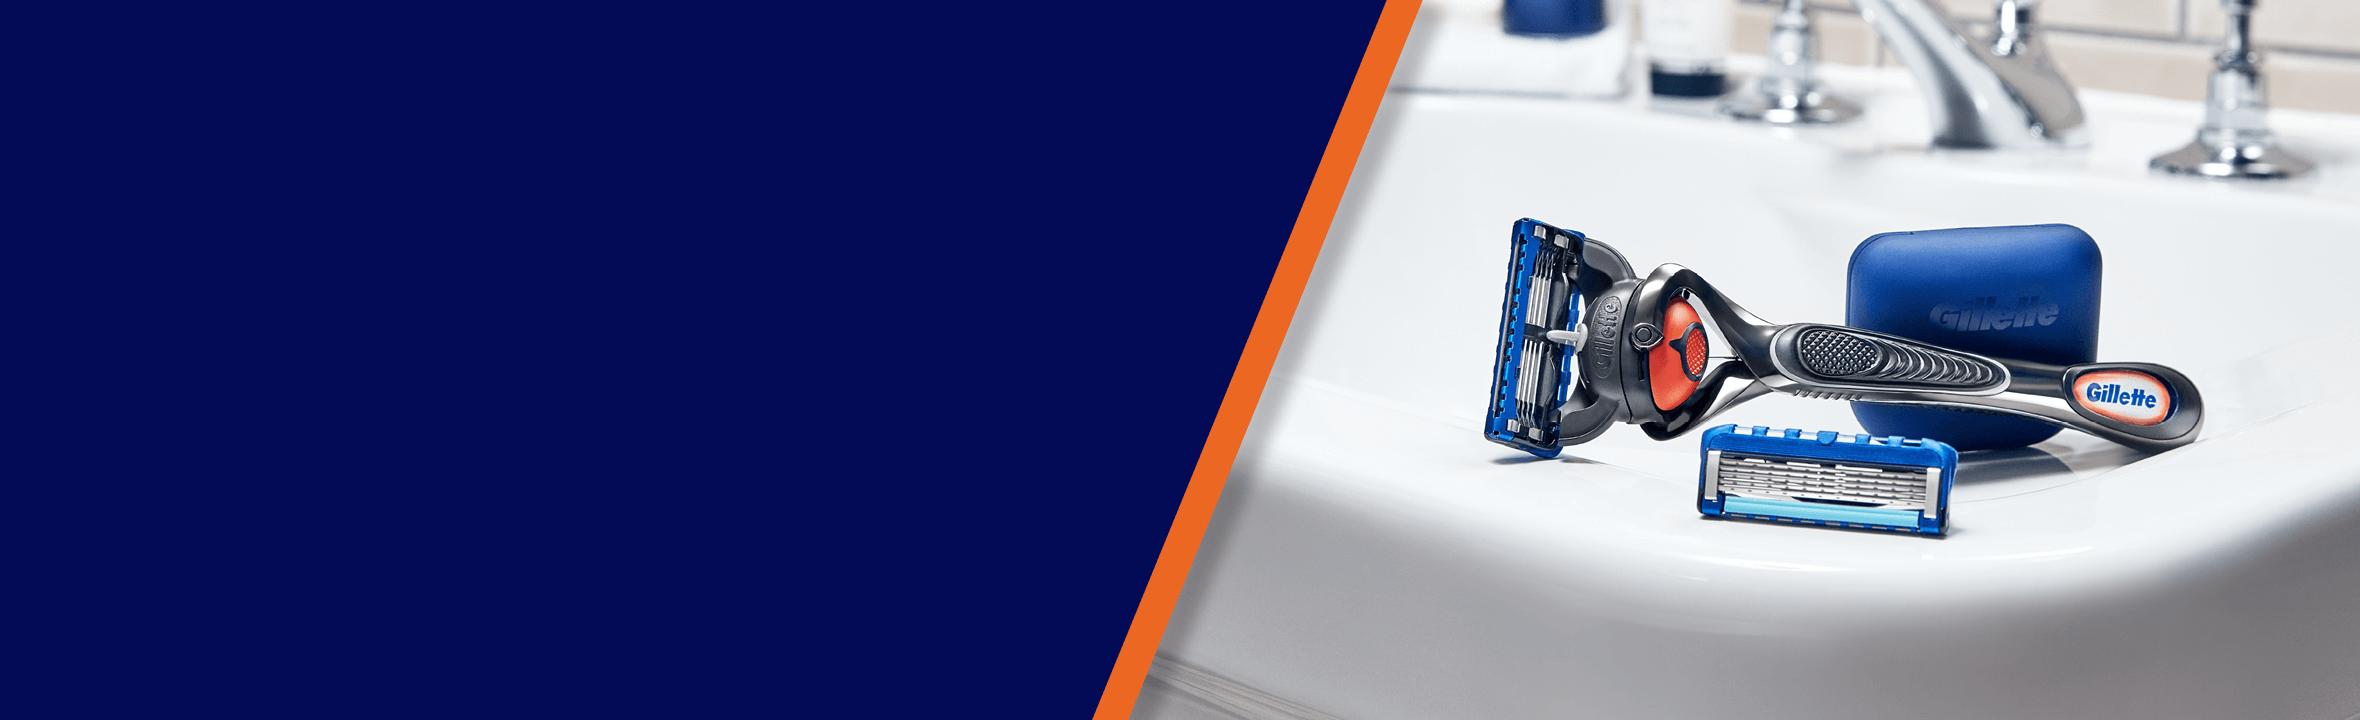 Gillette Fusion Proglide Flex ball razor with pivoting razor head and extra cartridge